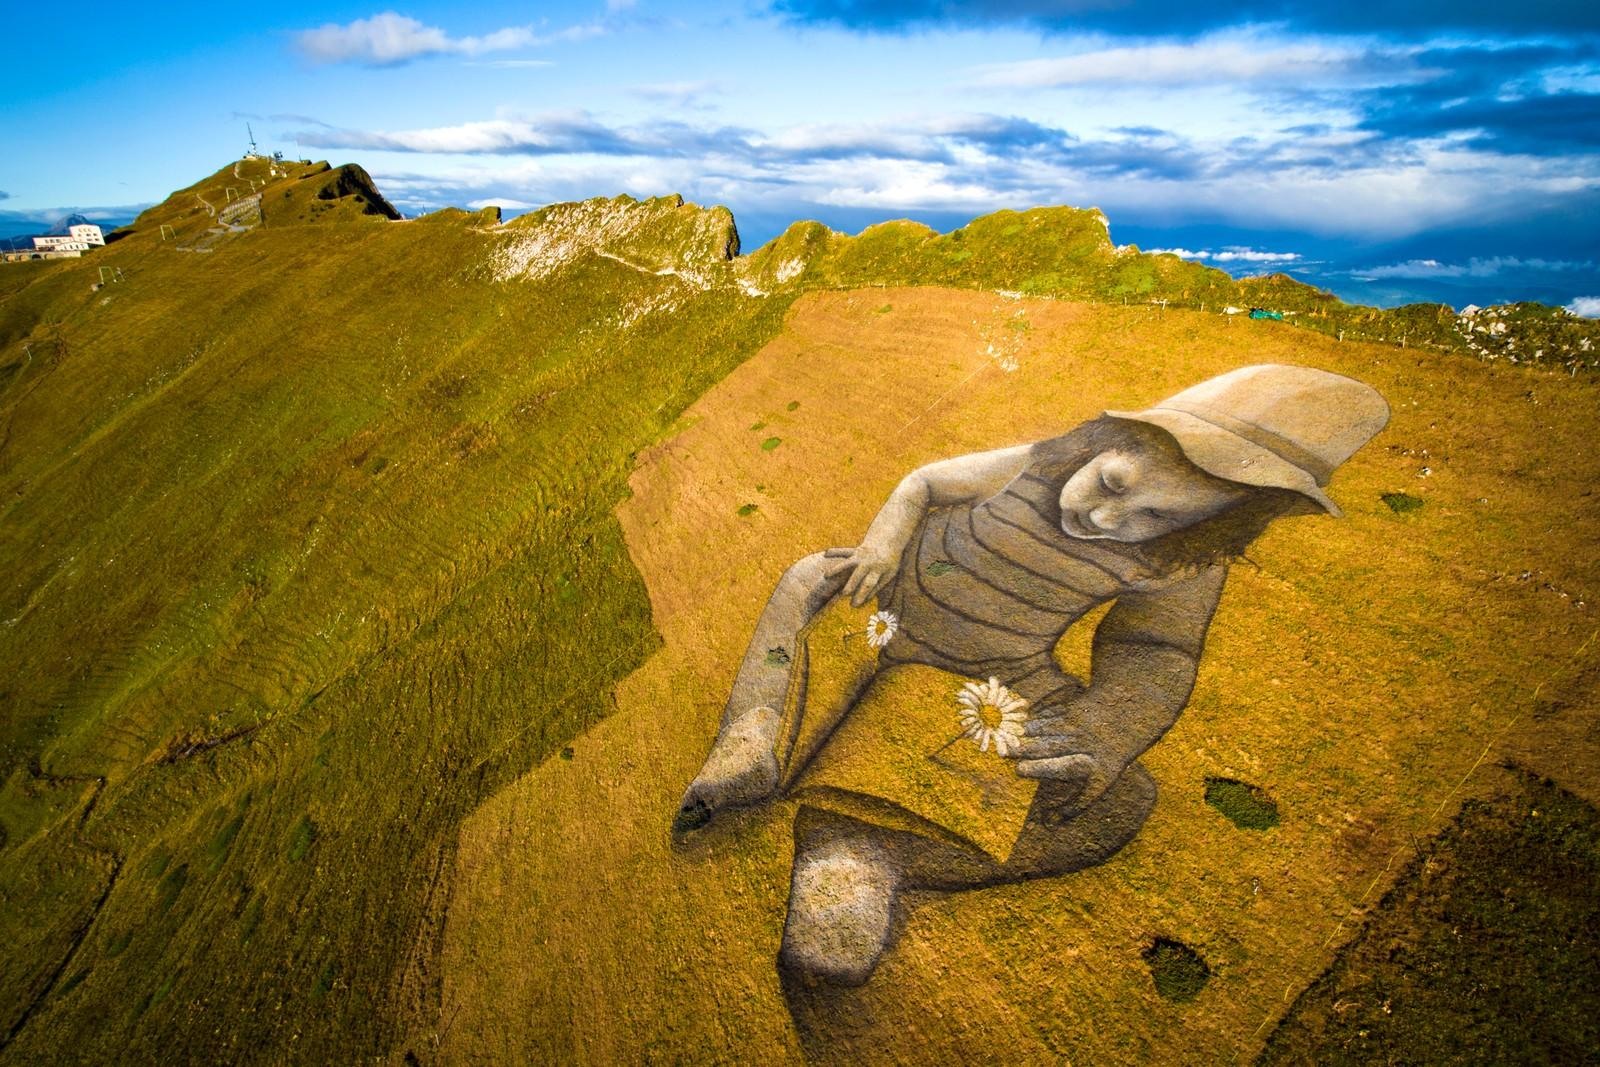 """Dette gigantiske verket, et eksempel på noe som blir kalt """"stedskunst"""", er laget av den franske kunstneren Sapye og er omtrent 6000 kvadratmeter stort. Maleriet er laget av naturlige pigmenter, vann og et melkeprotein som gjør at det brytes naturlig ned. Verket heter """"A Story of the Future"""" og ligger på en fjellside i Les Rochers-de-Naye i Sveits."""